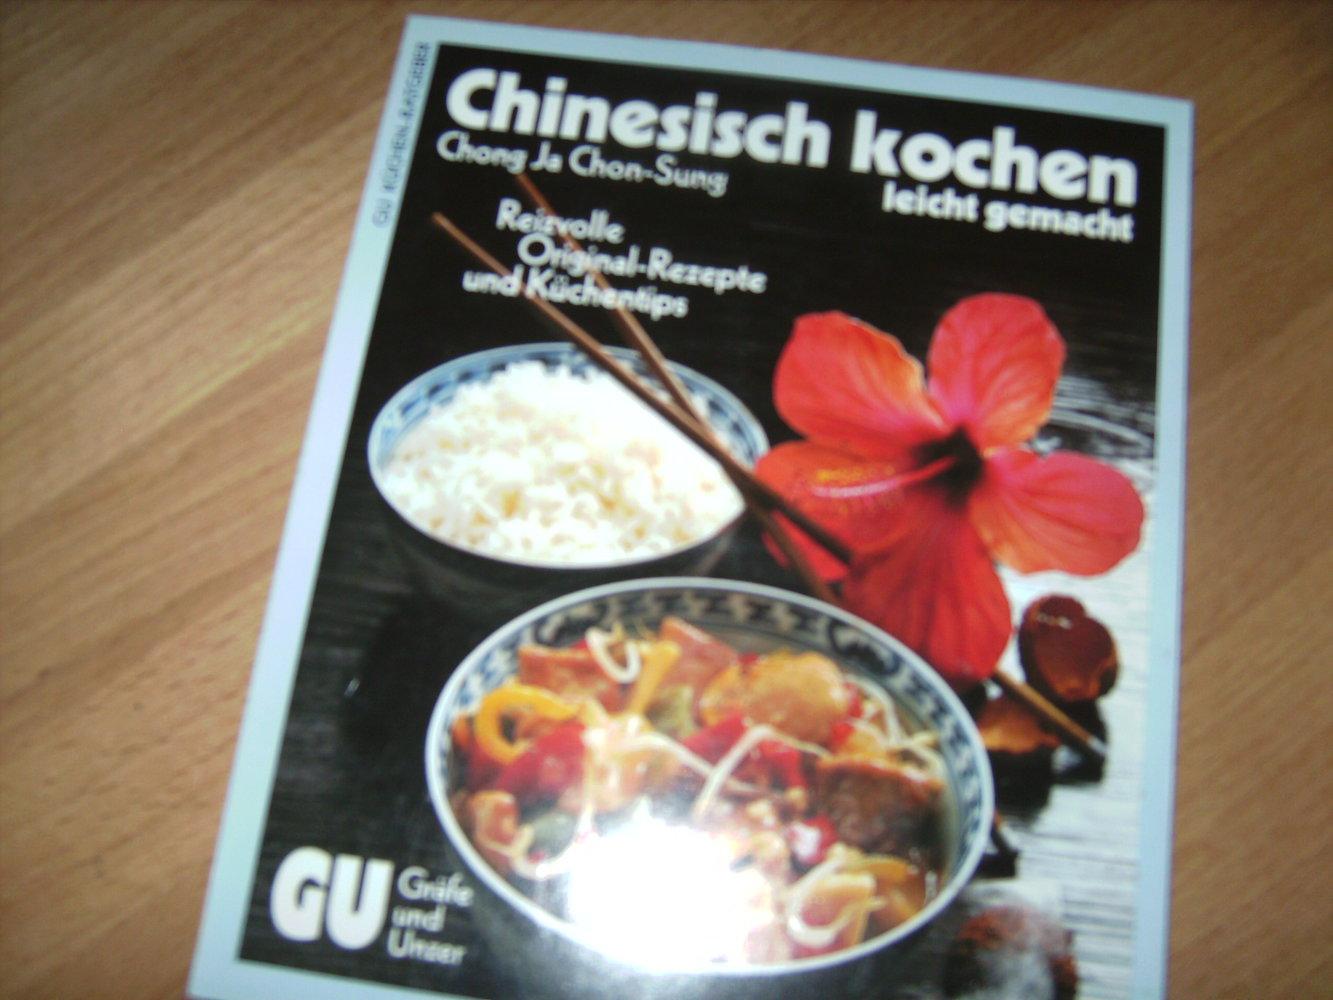 Chinesisch asiatische kochrezepte kochbuch essen in wok for Chinesisch kochen